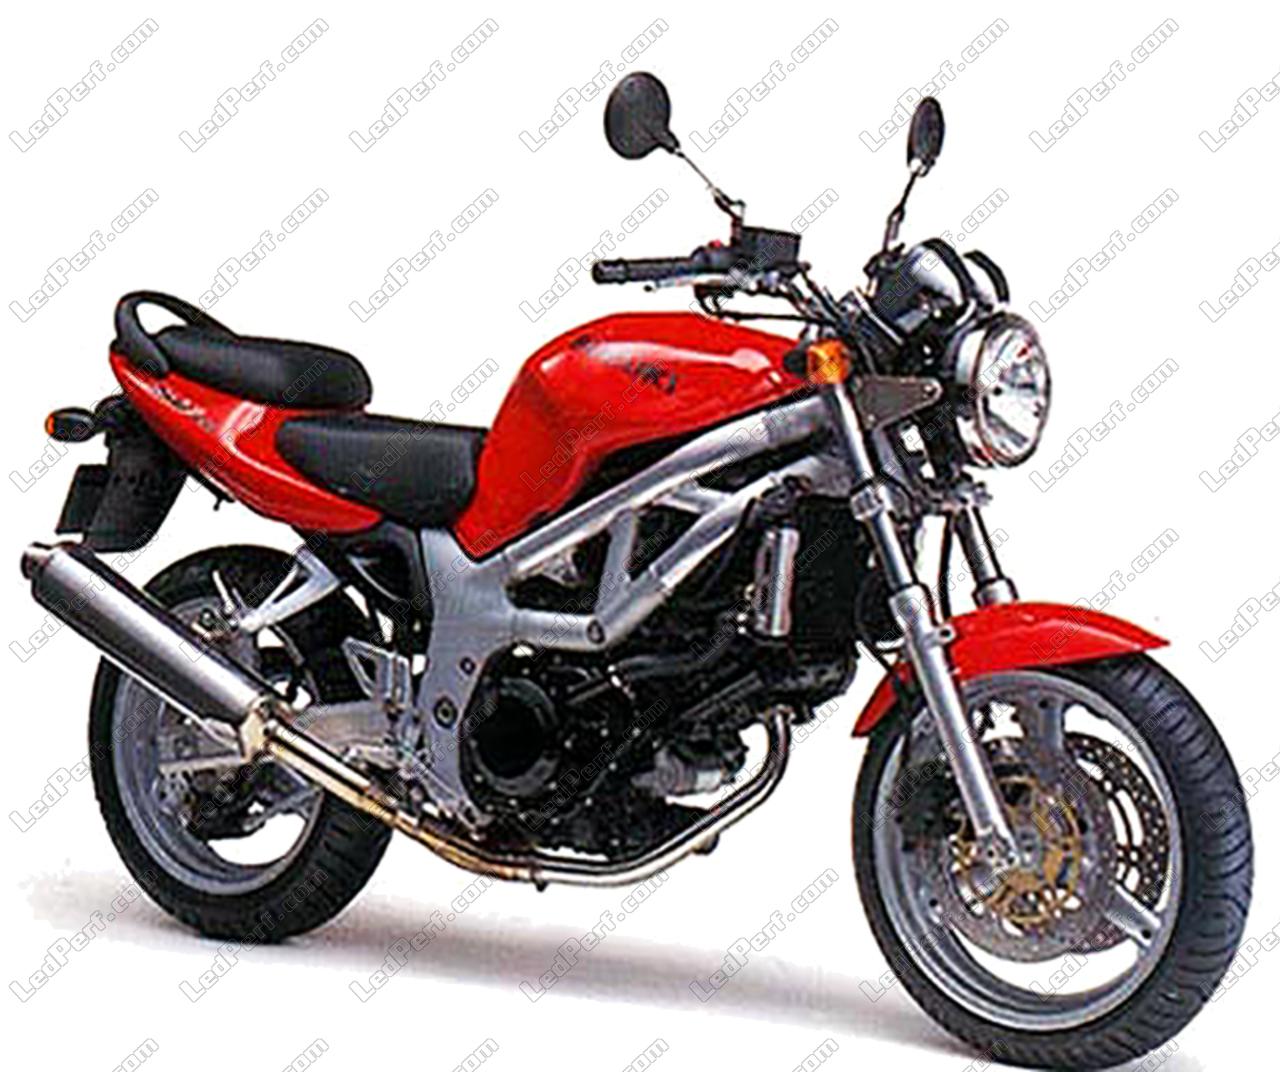 Gr/ün Cappad f/ür Kawasaki ZX ZX6r ZX 6R 6 r ZX7r 7R 7 ZX9R 9R 9 ZX10R 10R 10